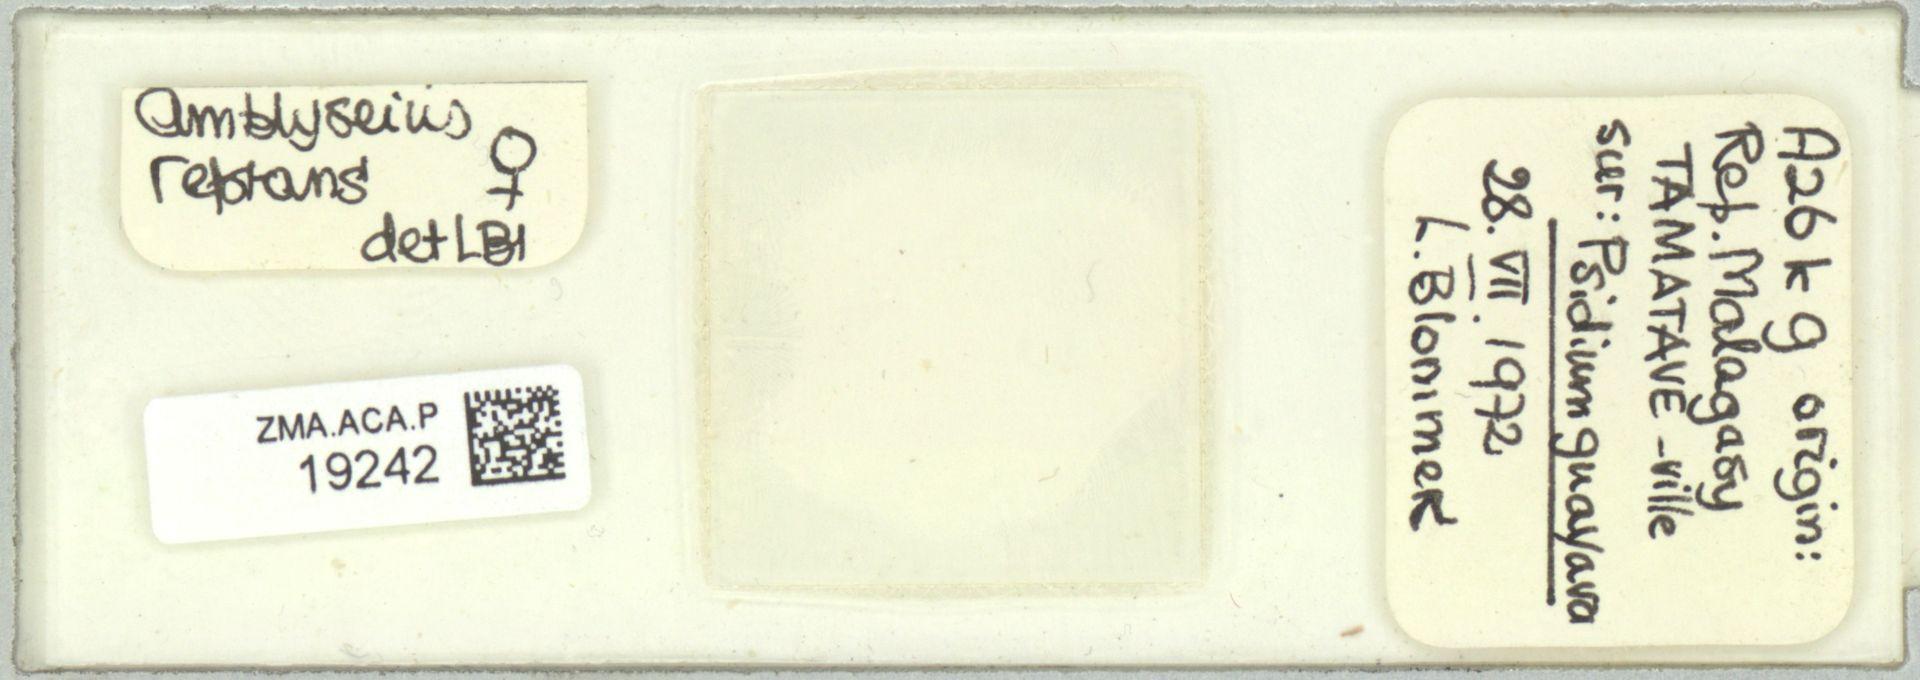 ZMA.ACA.P.19242   Scapulaseius reptans (Blommers, 1974)